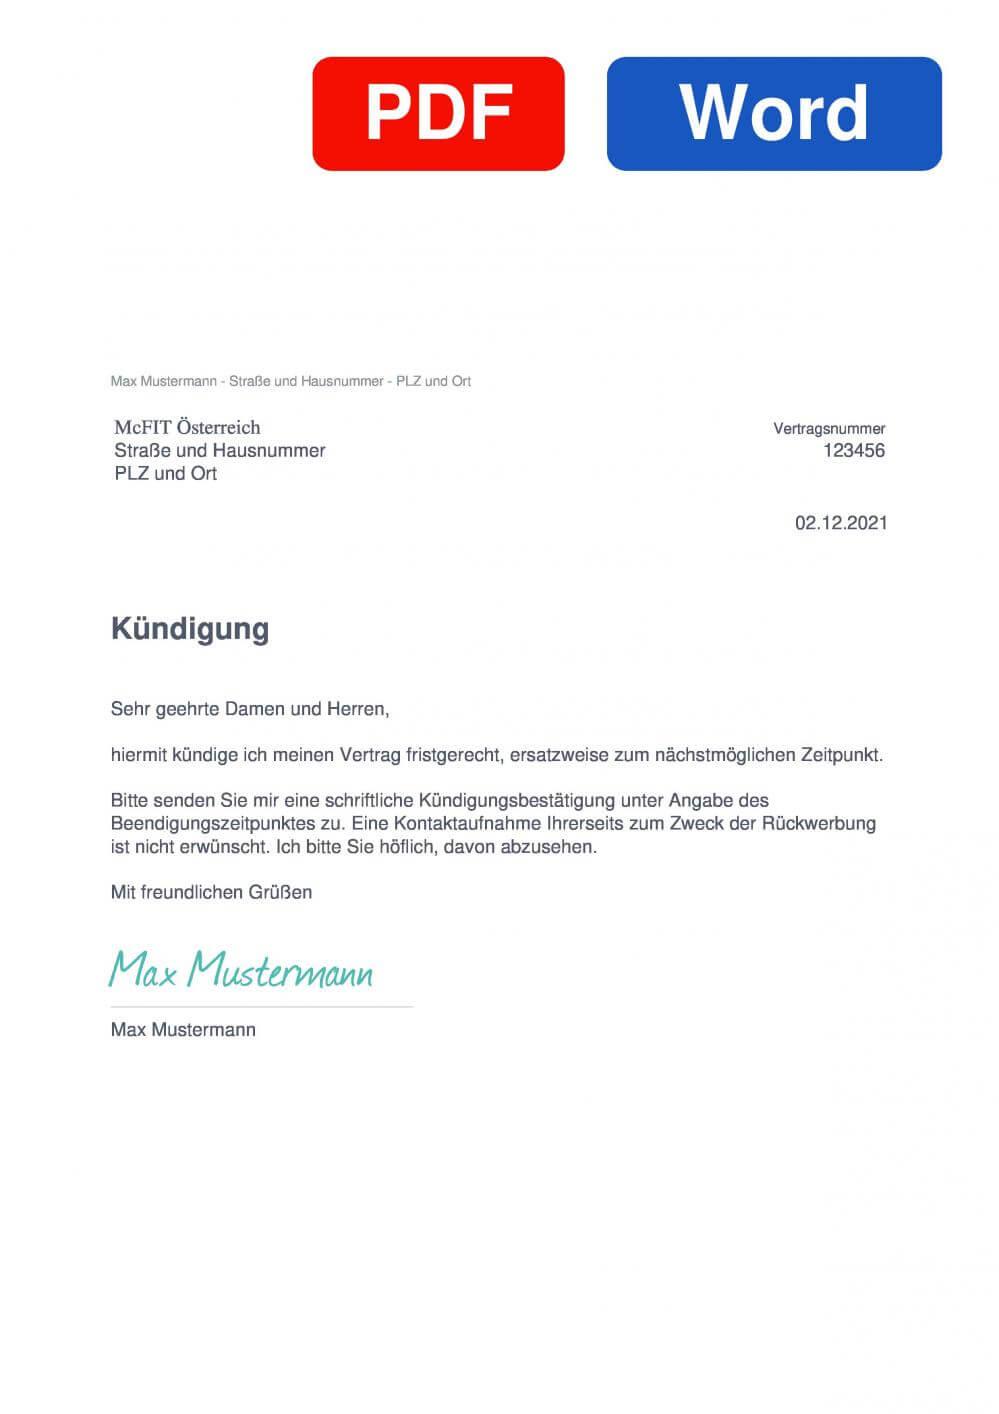 McFIT Österreich Muster Vorlage für Kündigungsschreiben